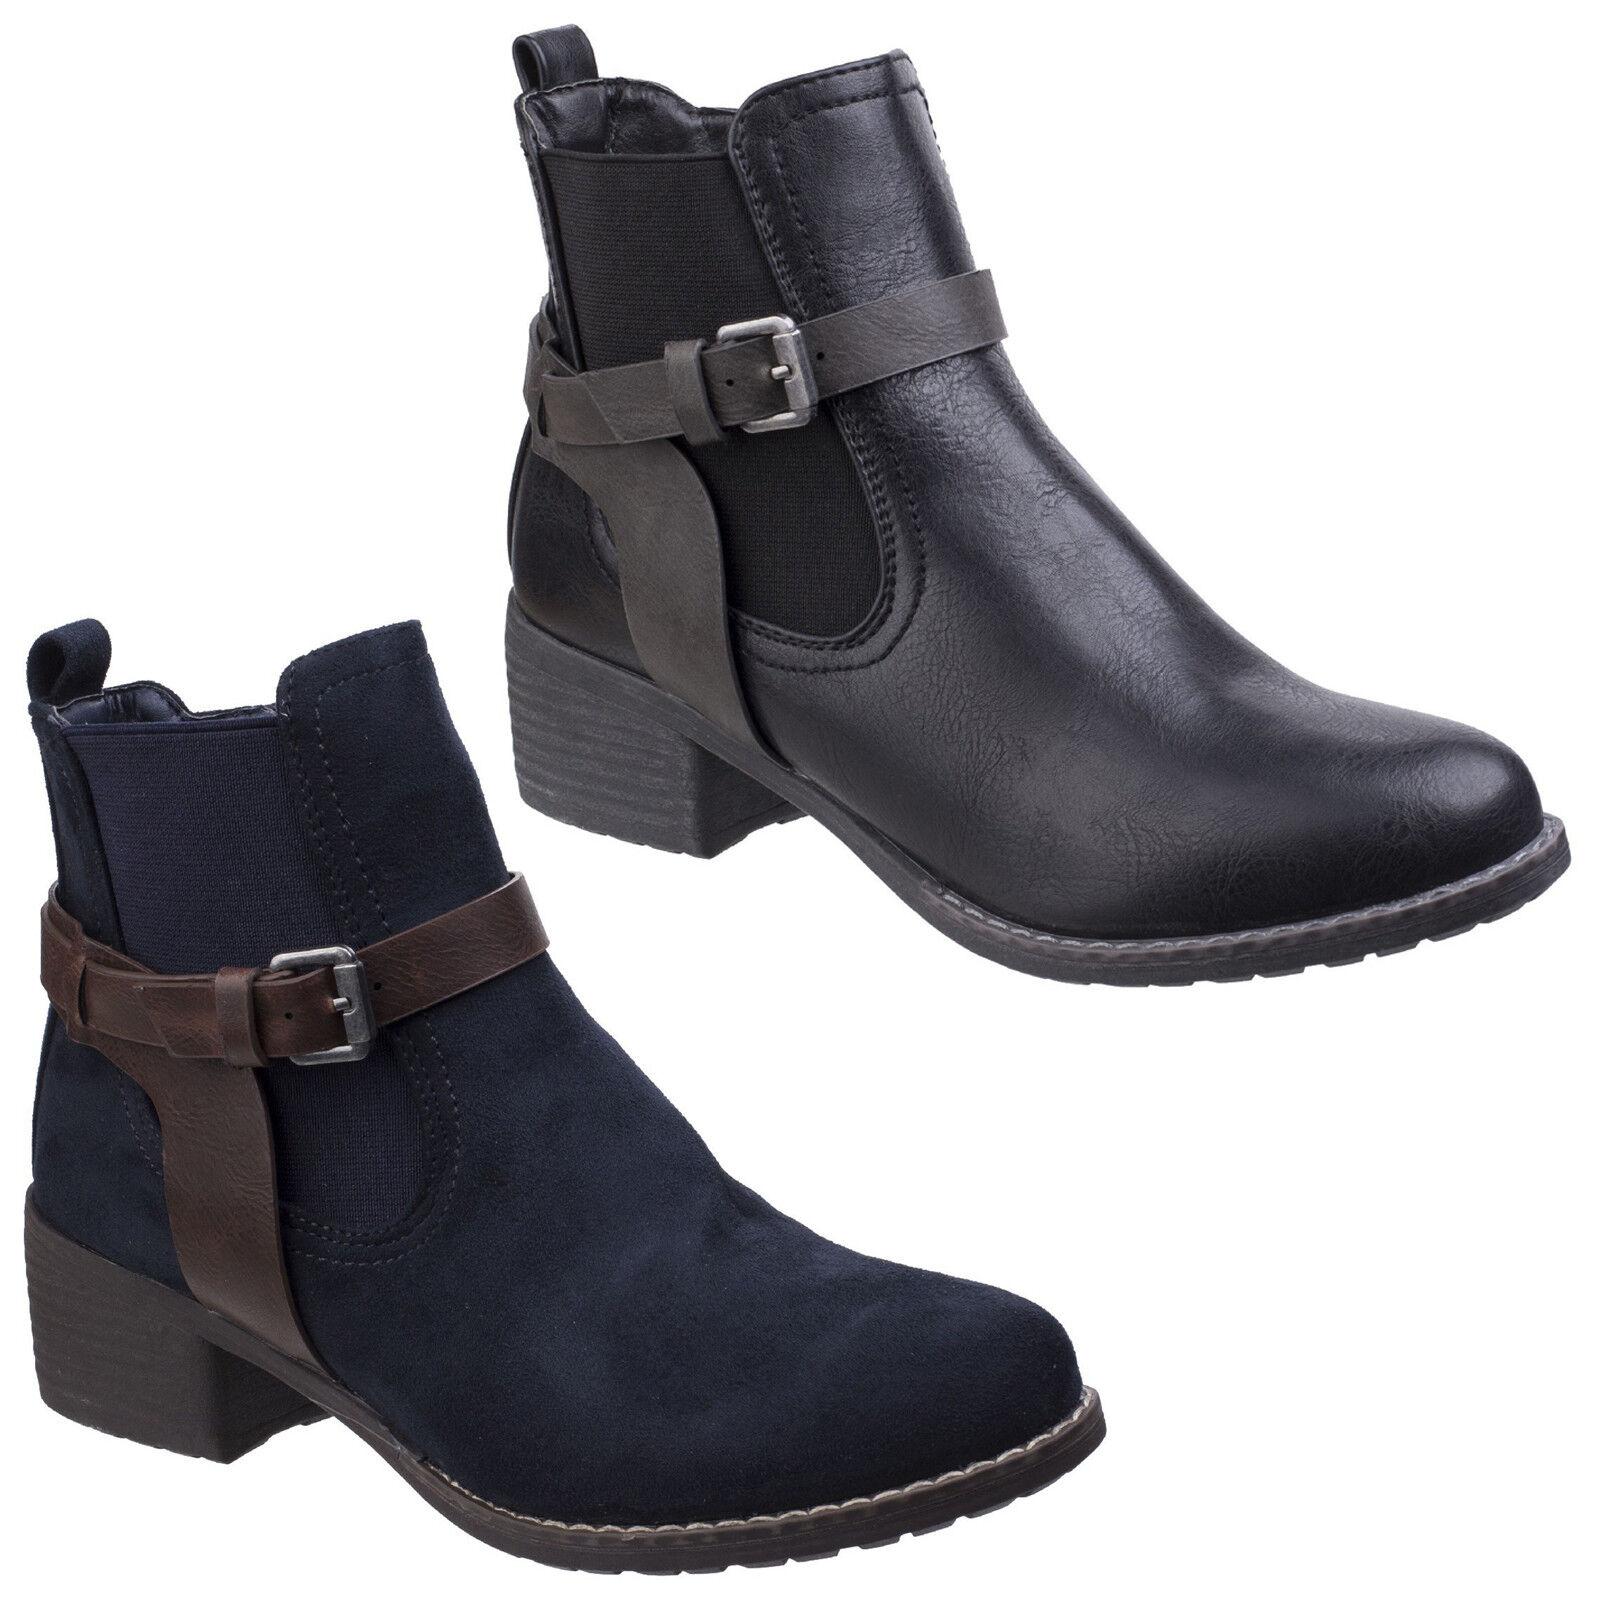 COTSWOLD Deerhurst brown leather ladies waterproof double zip boot size 3-8